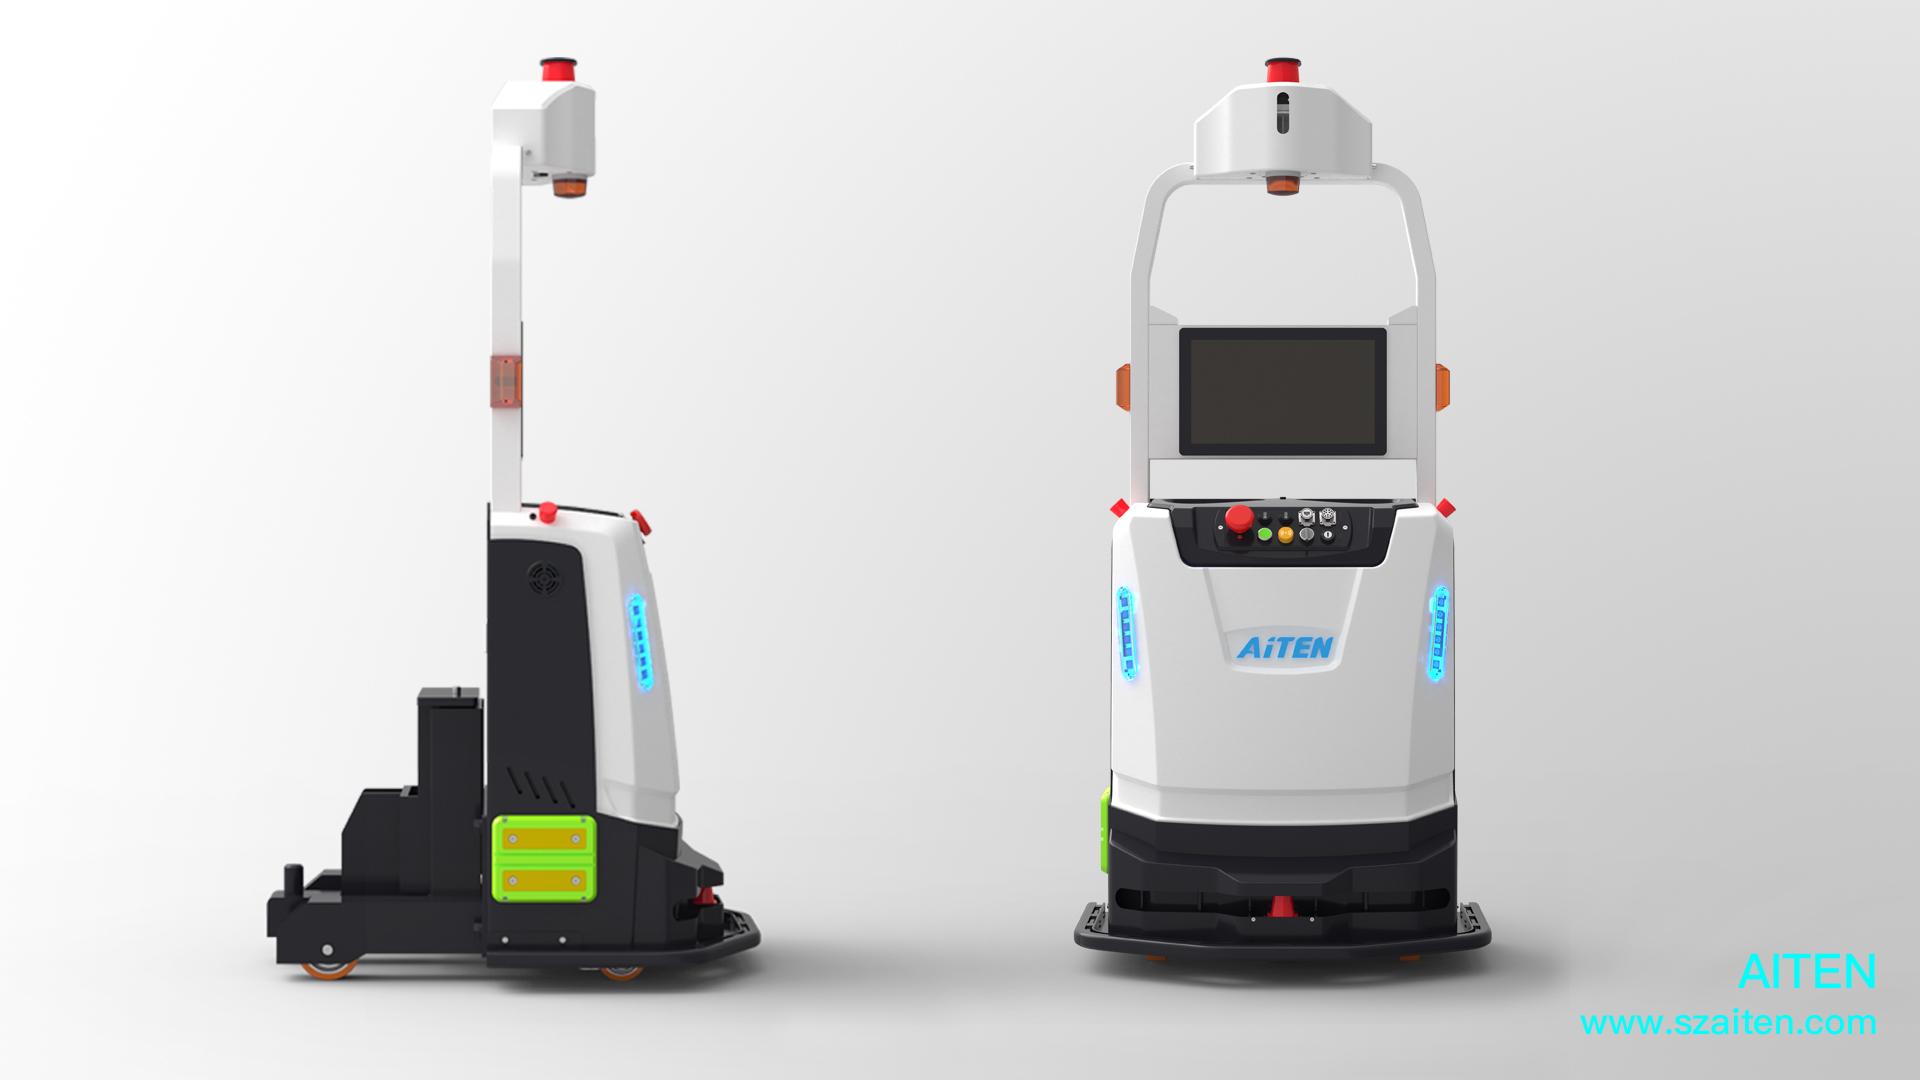 AGV机器人企业从少到多,是什么让他们如此坚持?